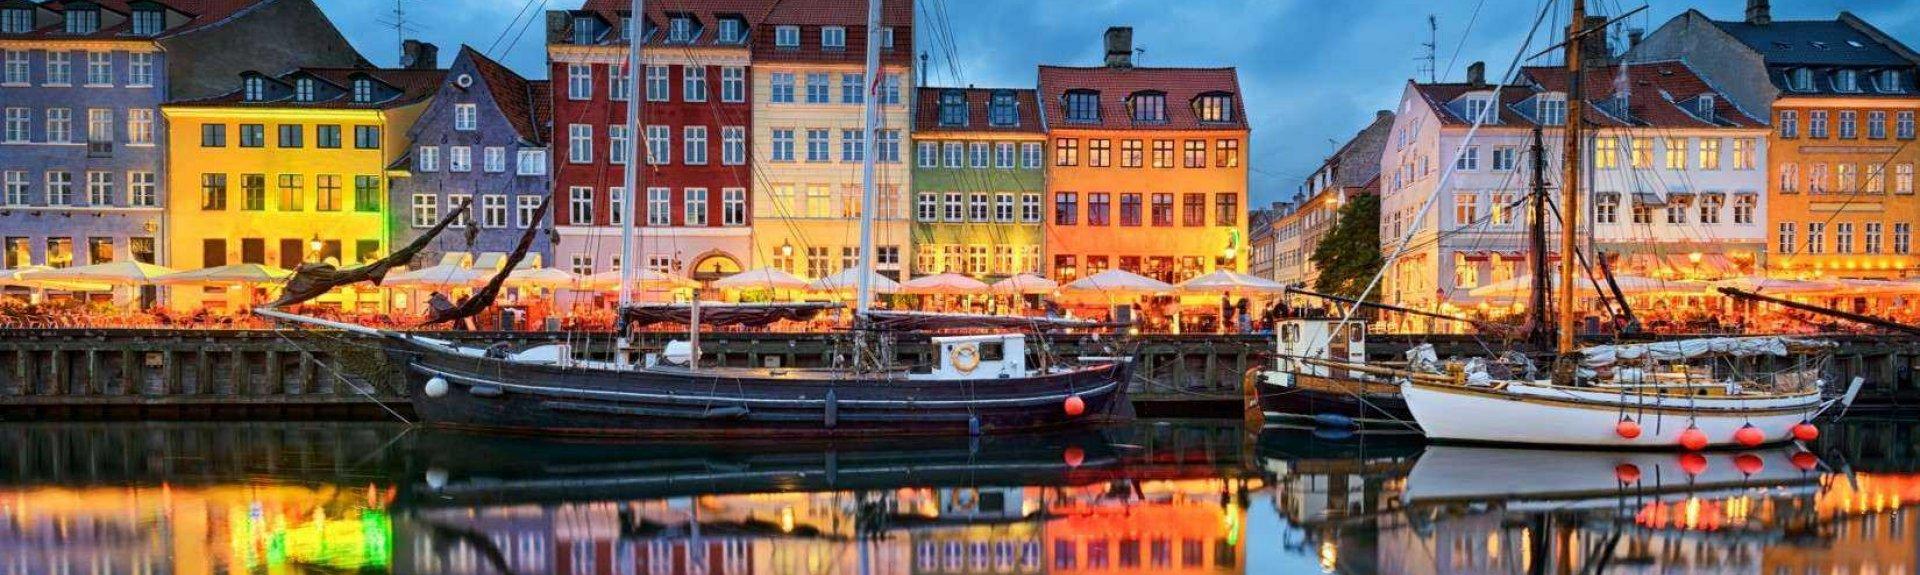 København beskaaret